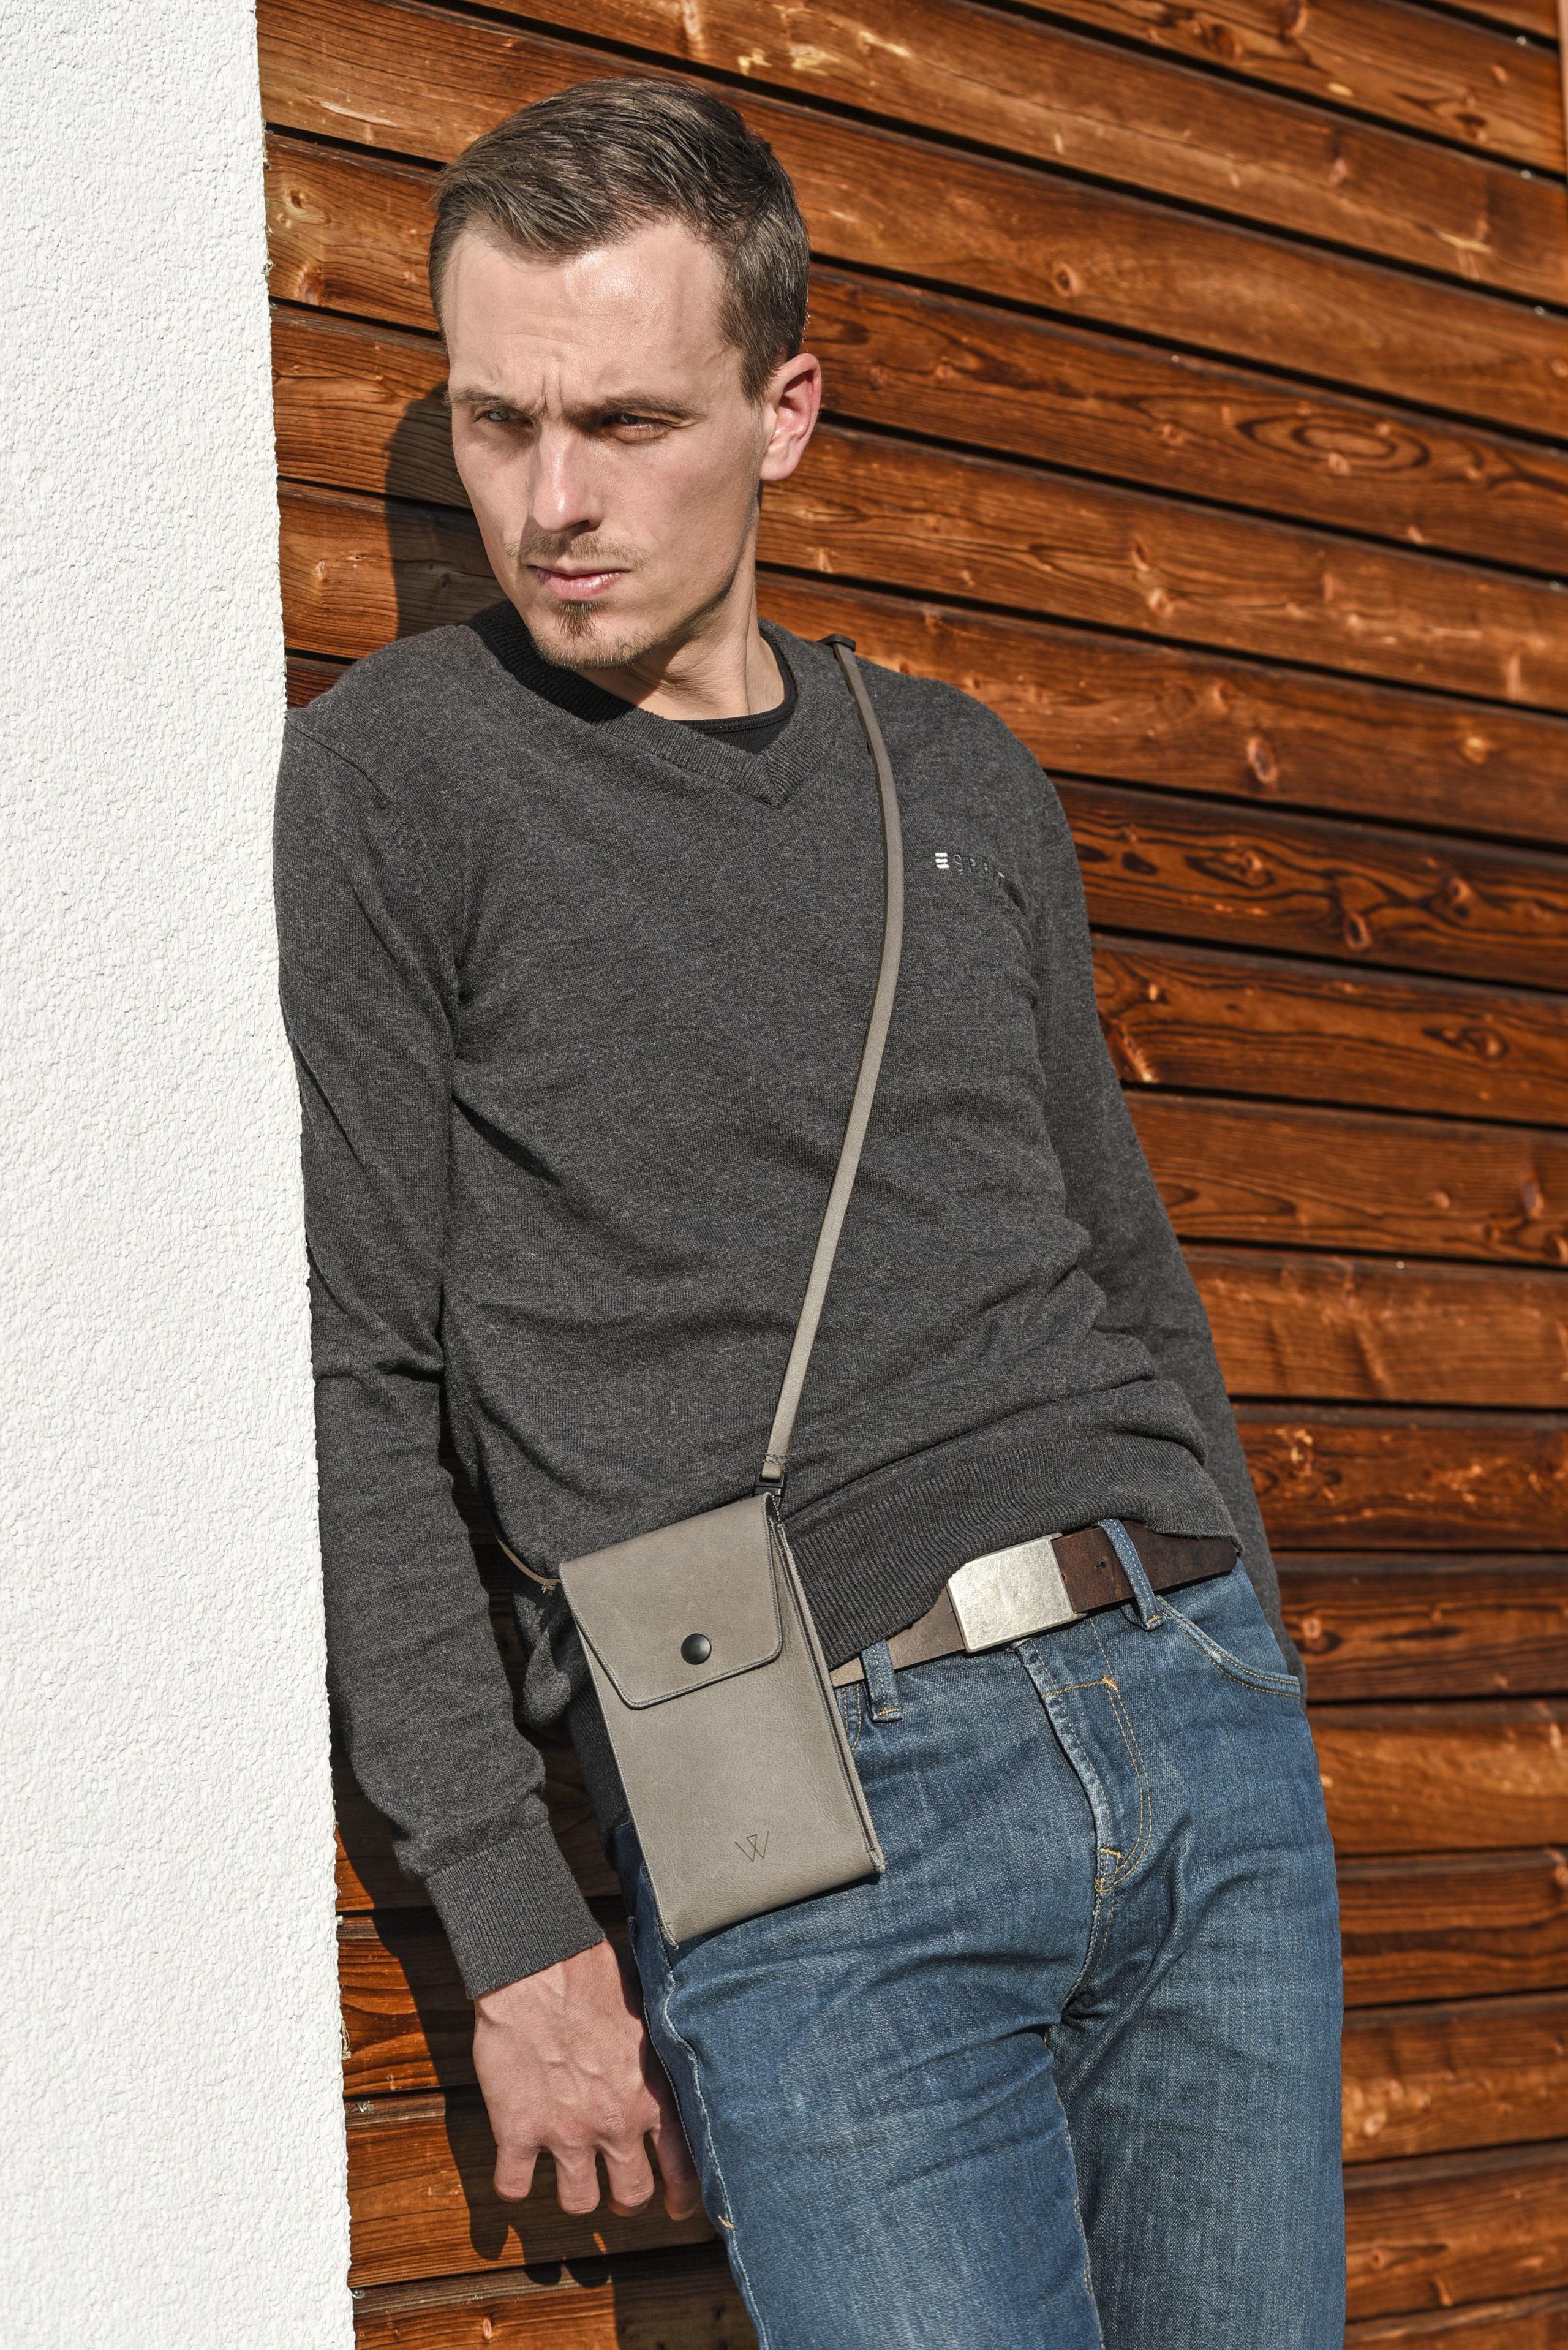 Auch bei Männern sind Handytaschen aus strapazierfähigem Leder ein äußerst angesagtes Accessoire.